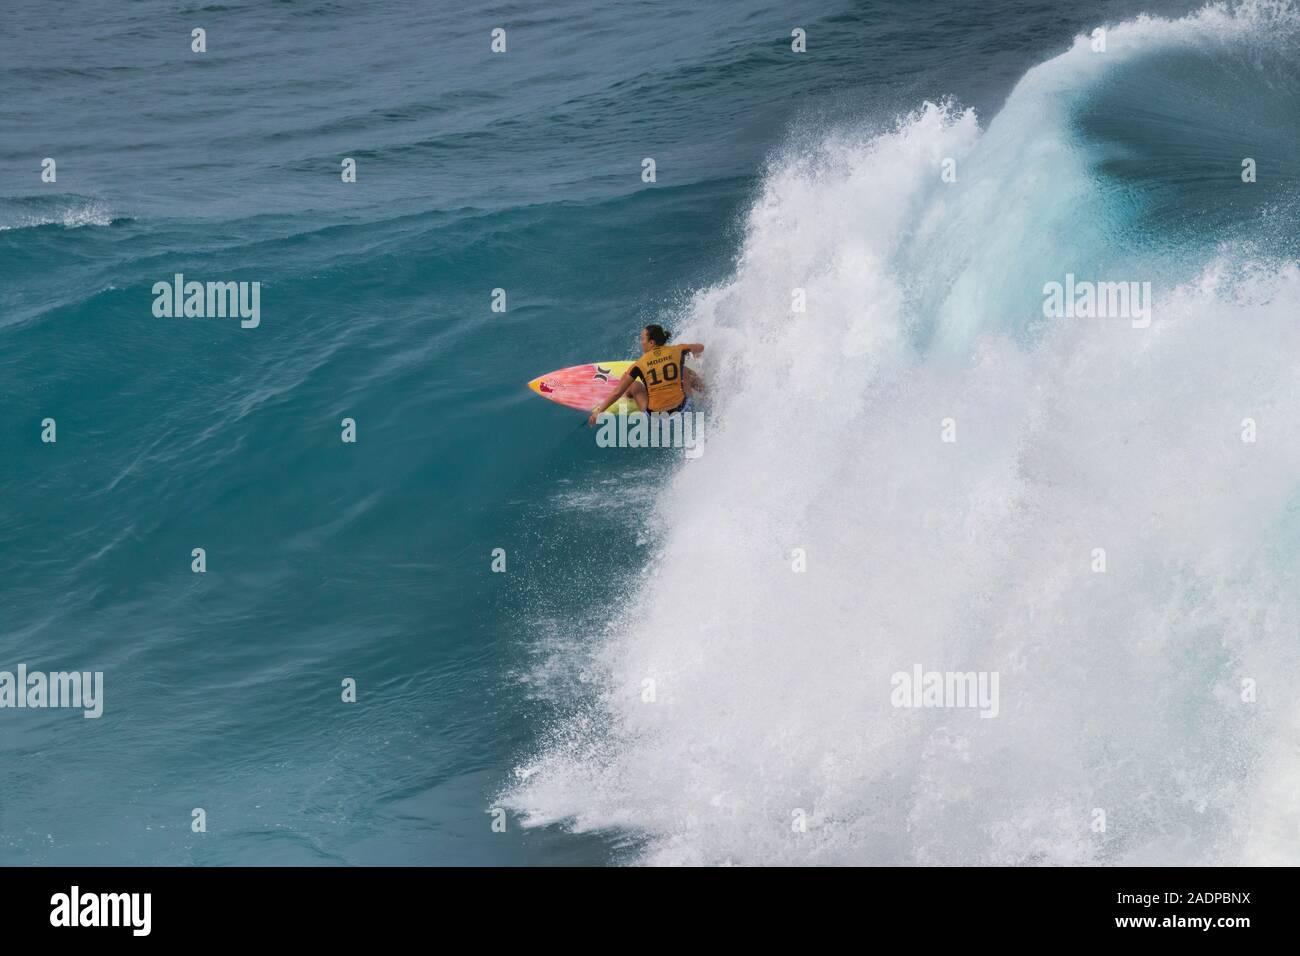 Carissa Moore gewann den 2019 Frauen surfen Titel im Maui Pro Surf Wettbewerb. Stockfoto